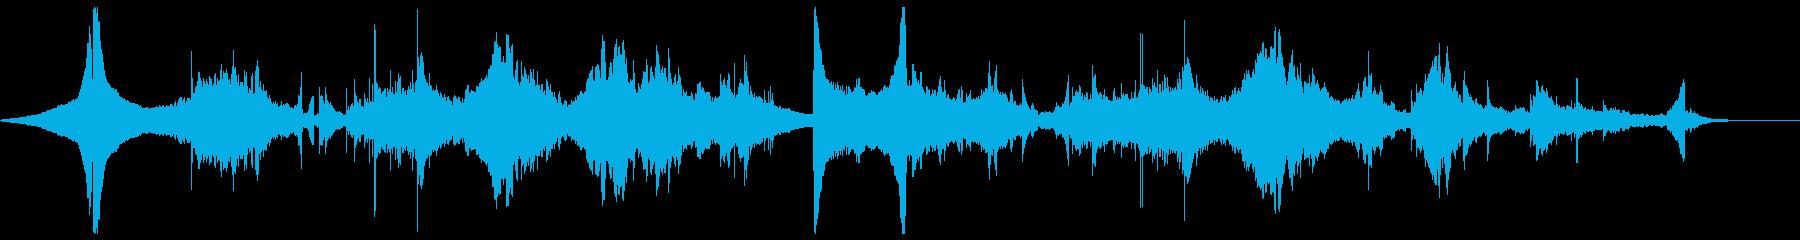 リバース音を使った不思議な幻想的BGMの再生済みの波形